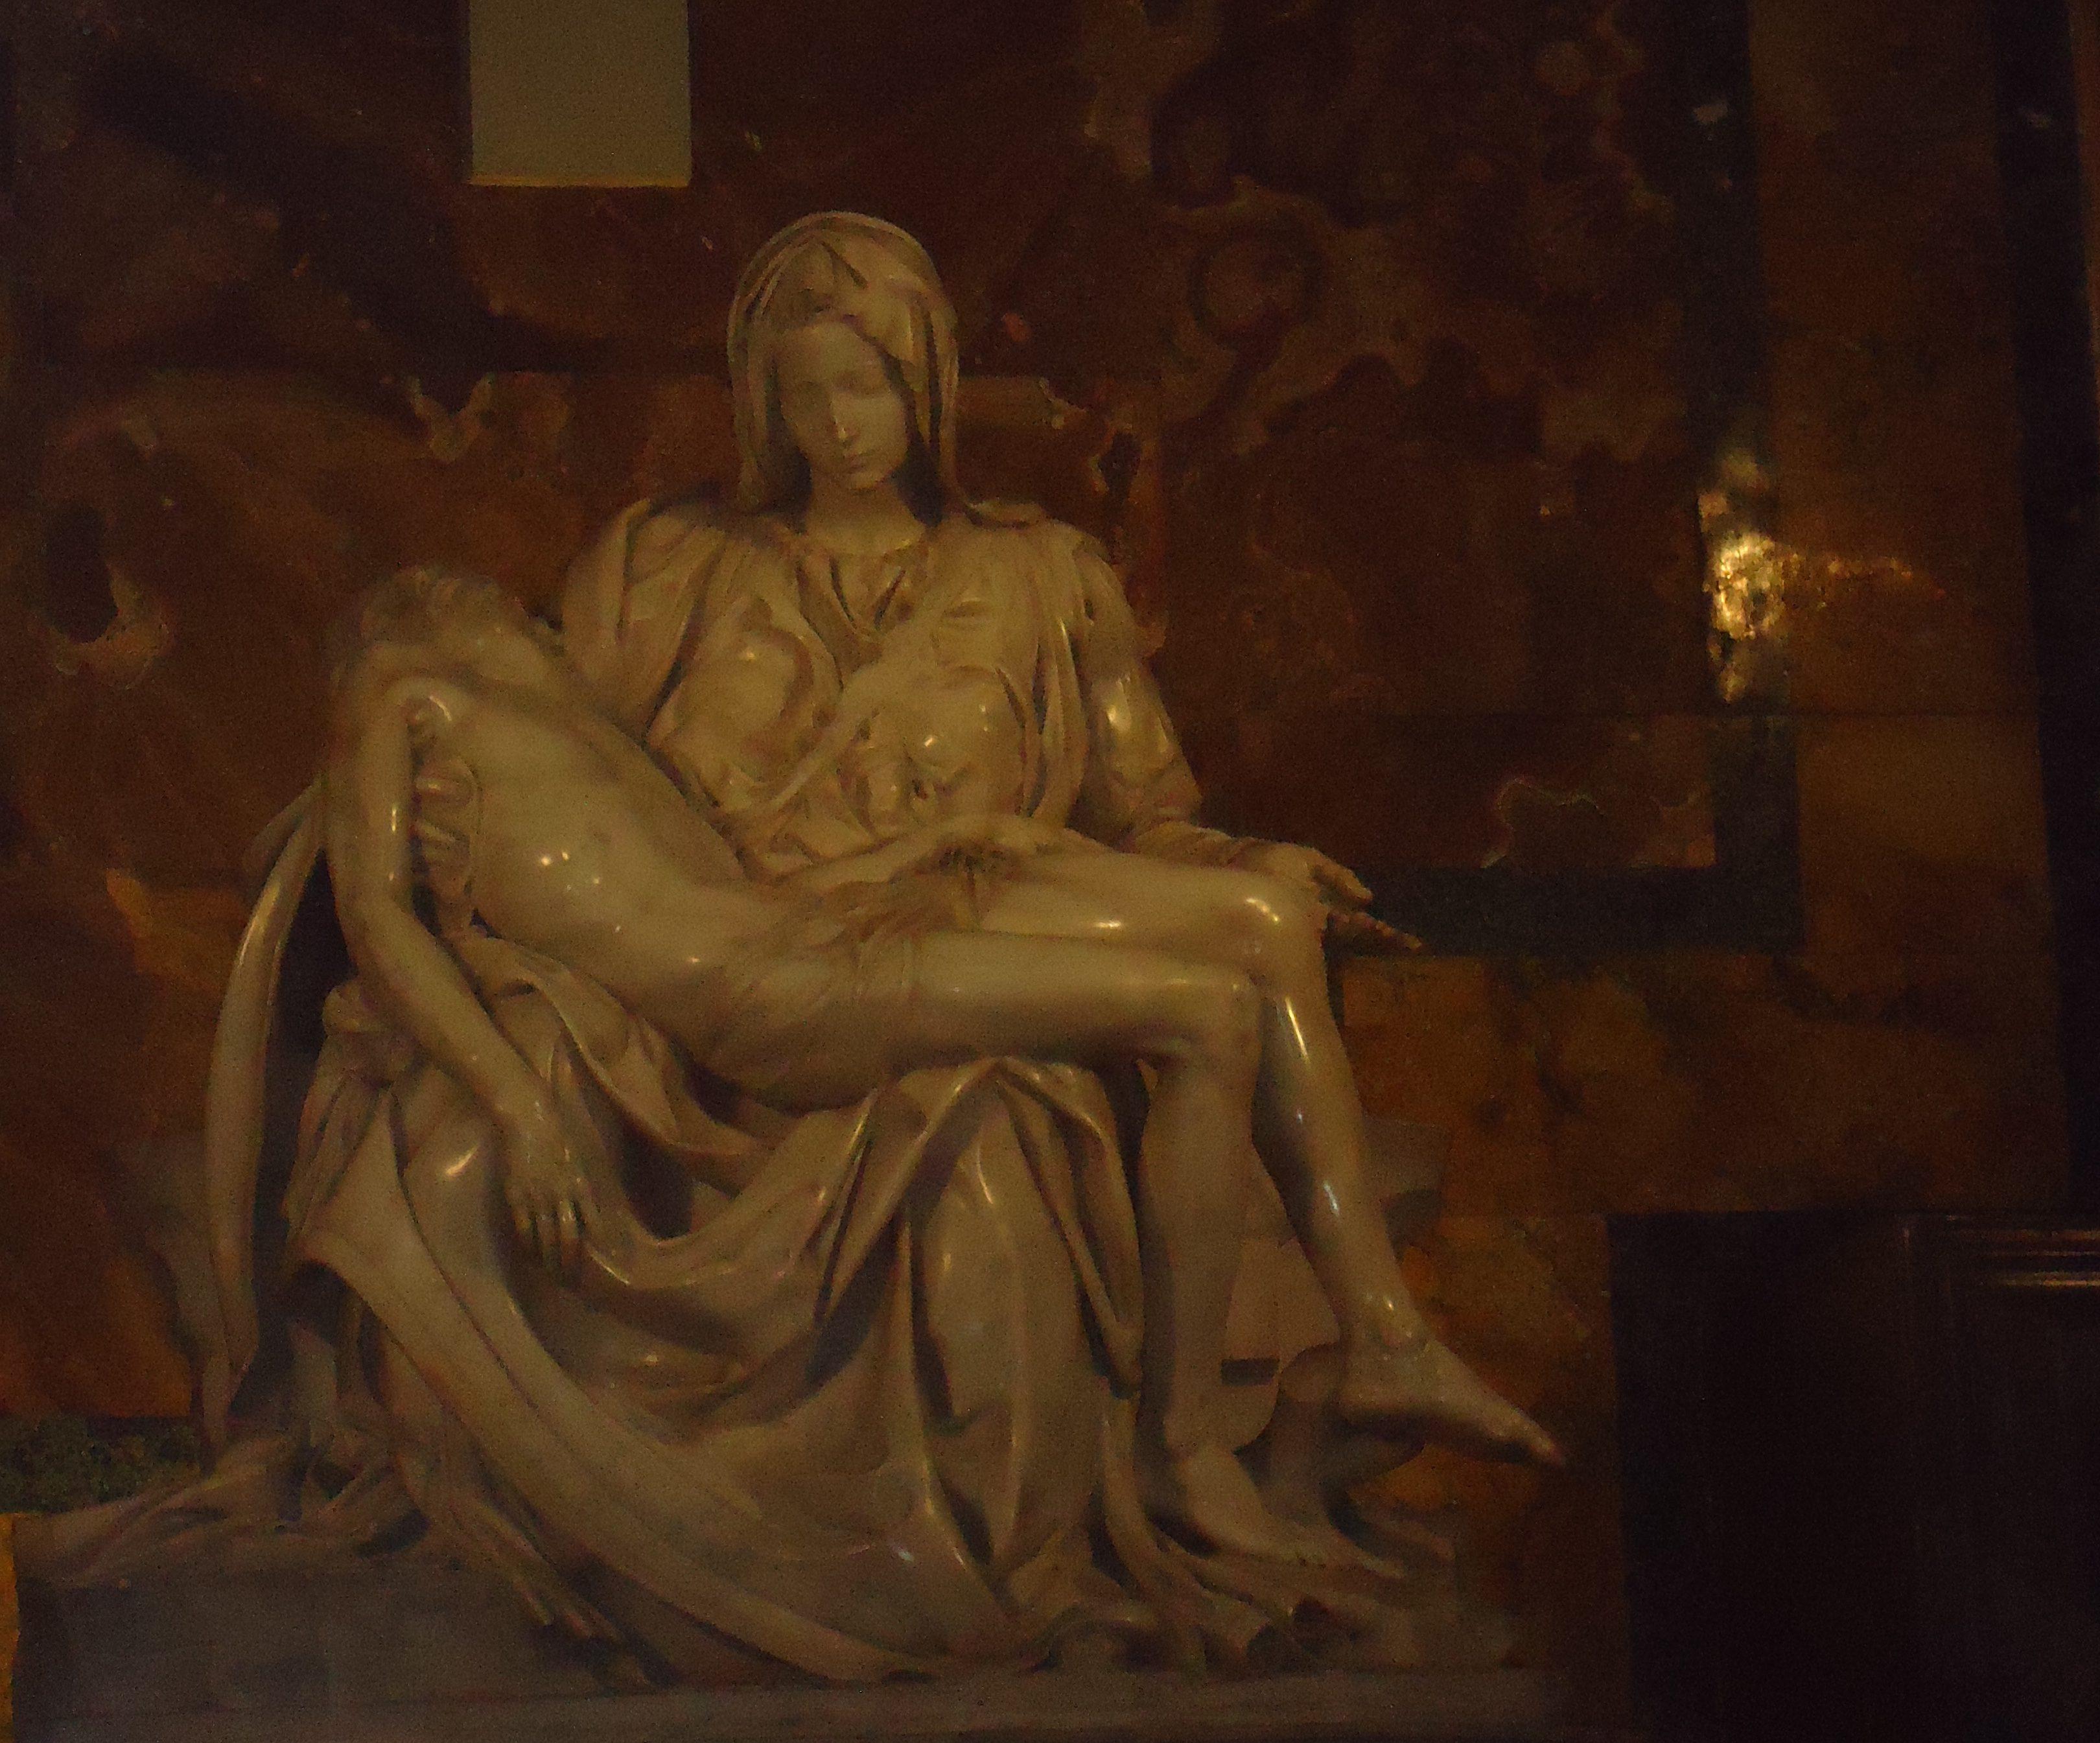 De marmeren pietà van Michelangelo - Sint-Pietersbasiliek - Vaticaan - Rome